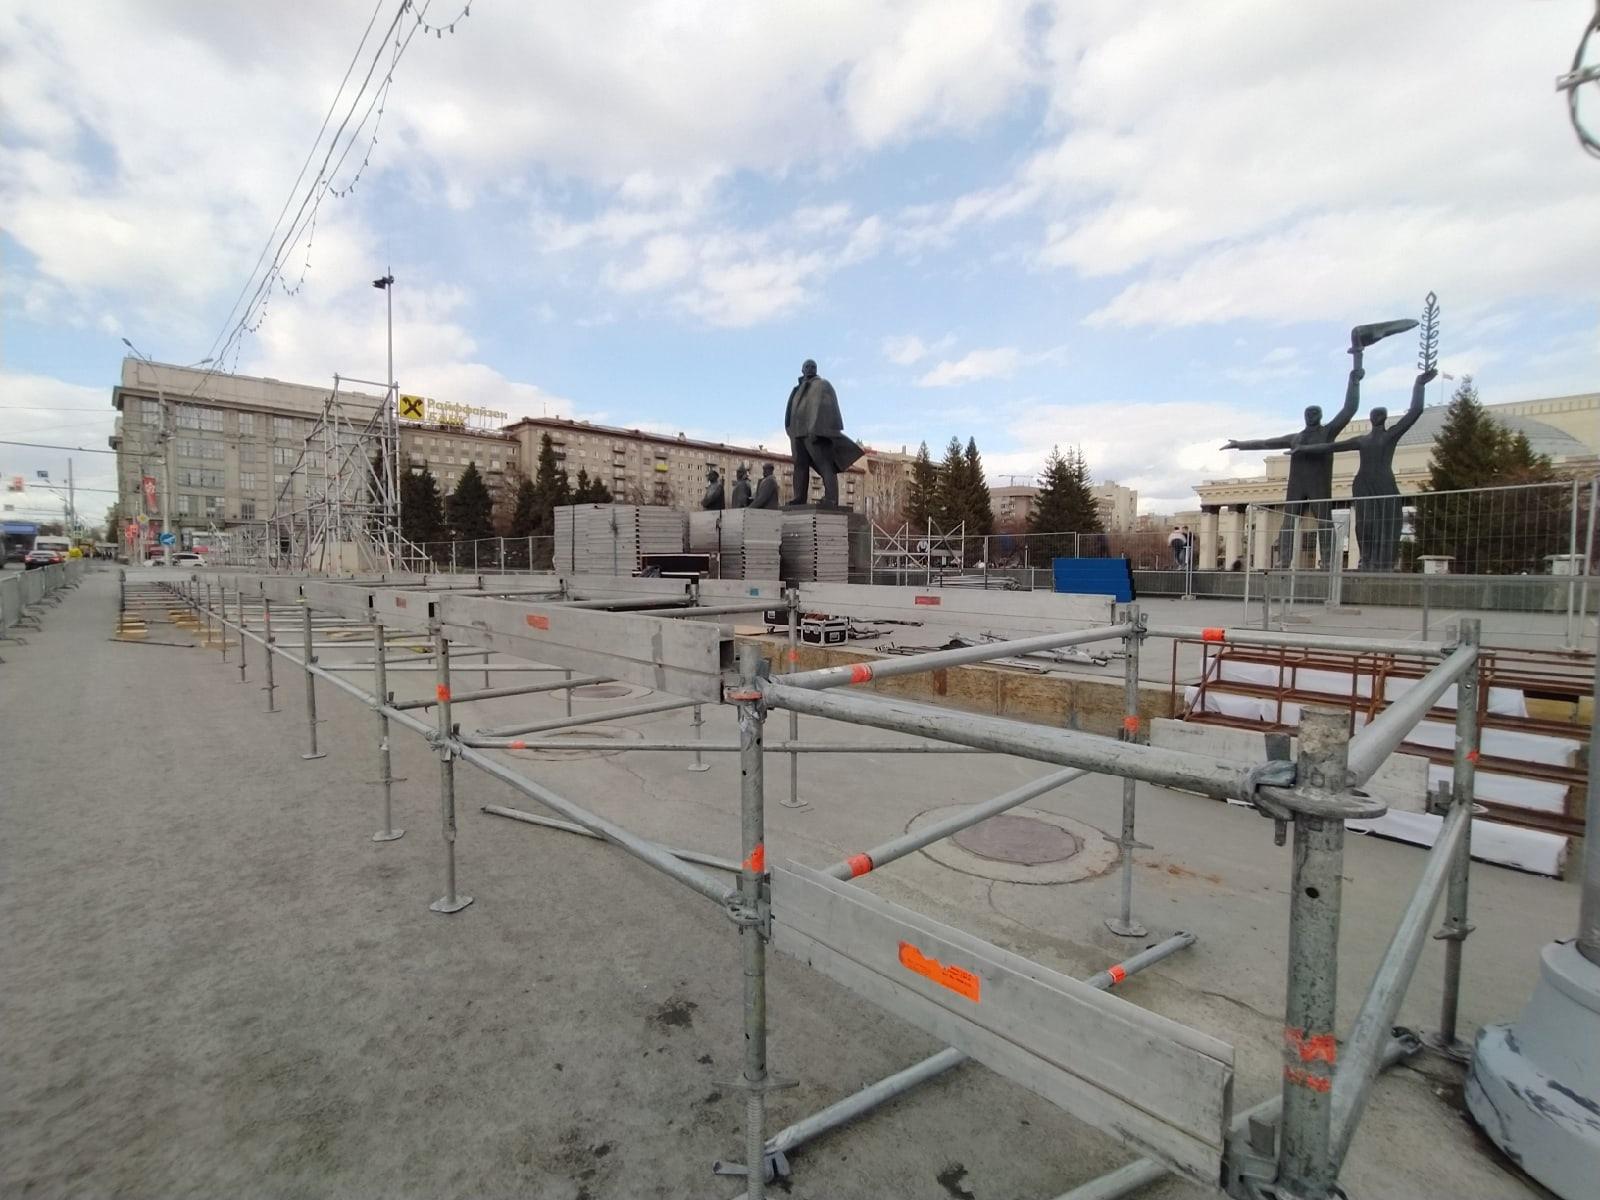 Фото В Новосибирске начали собирать сцену к параду Победы 9 мая 4